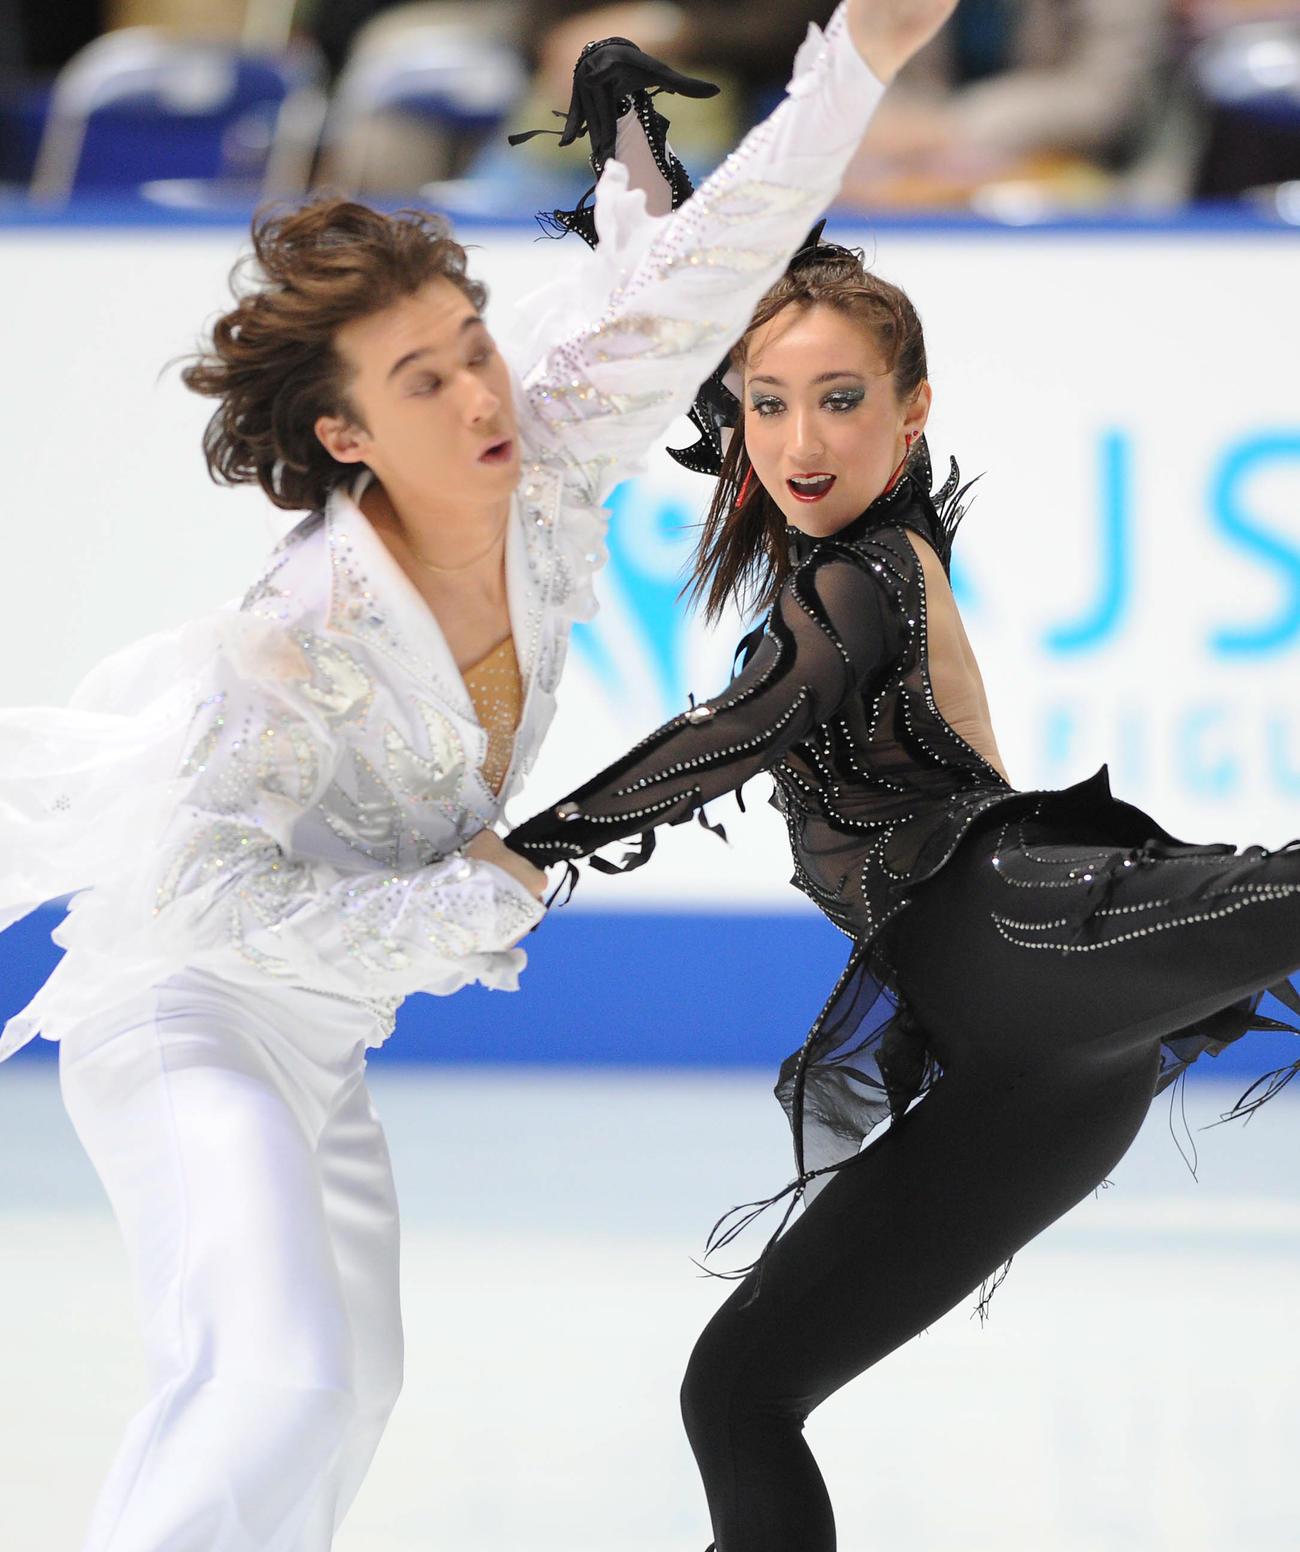 全日本フィギュア選手権 オリジナルダンスを披露するキャシー(右)とクリスのリード組(2009年12月27日)